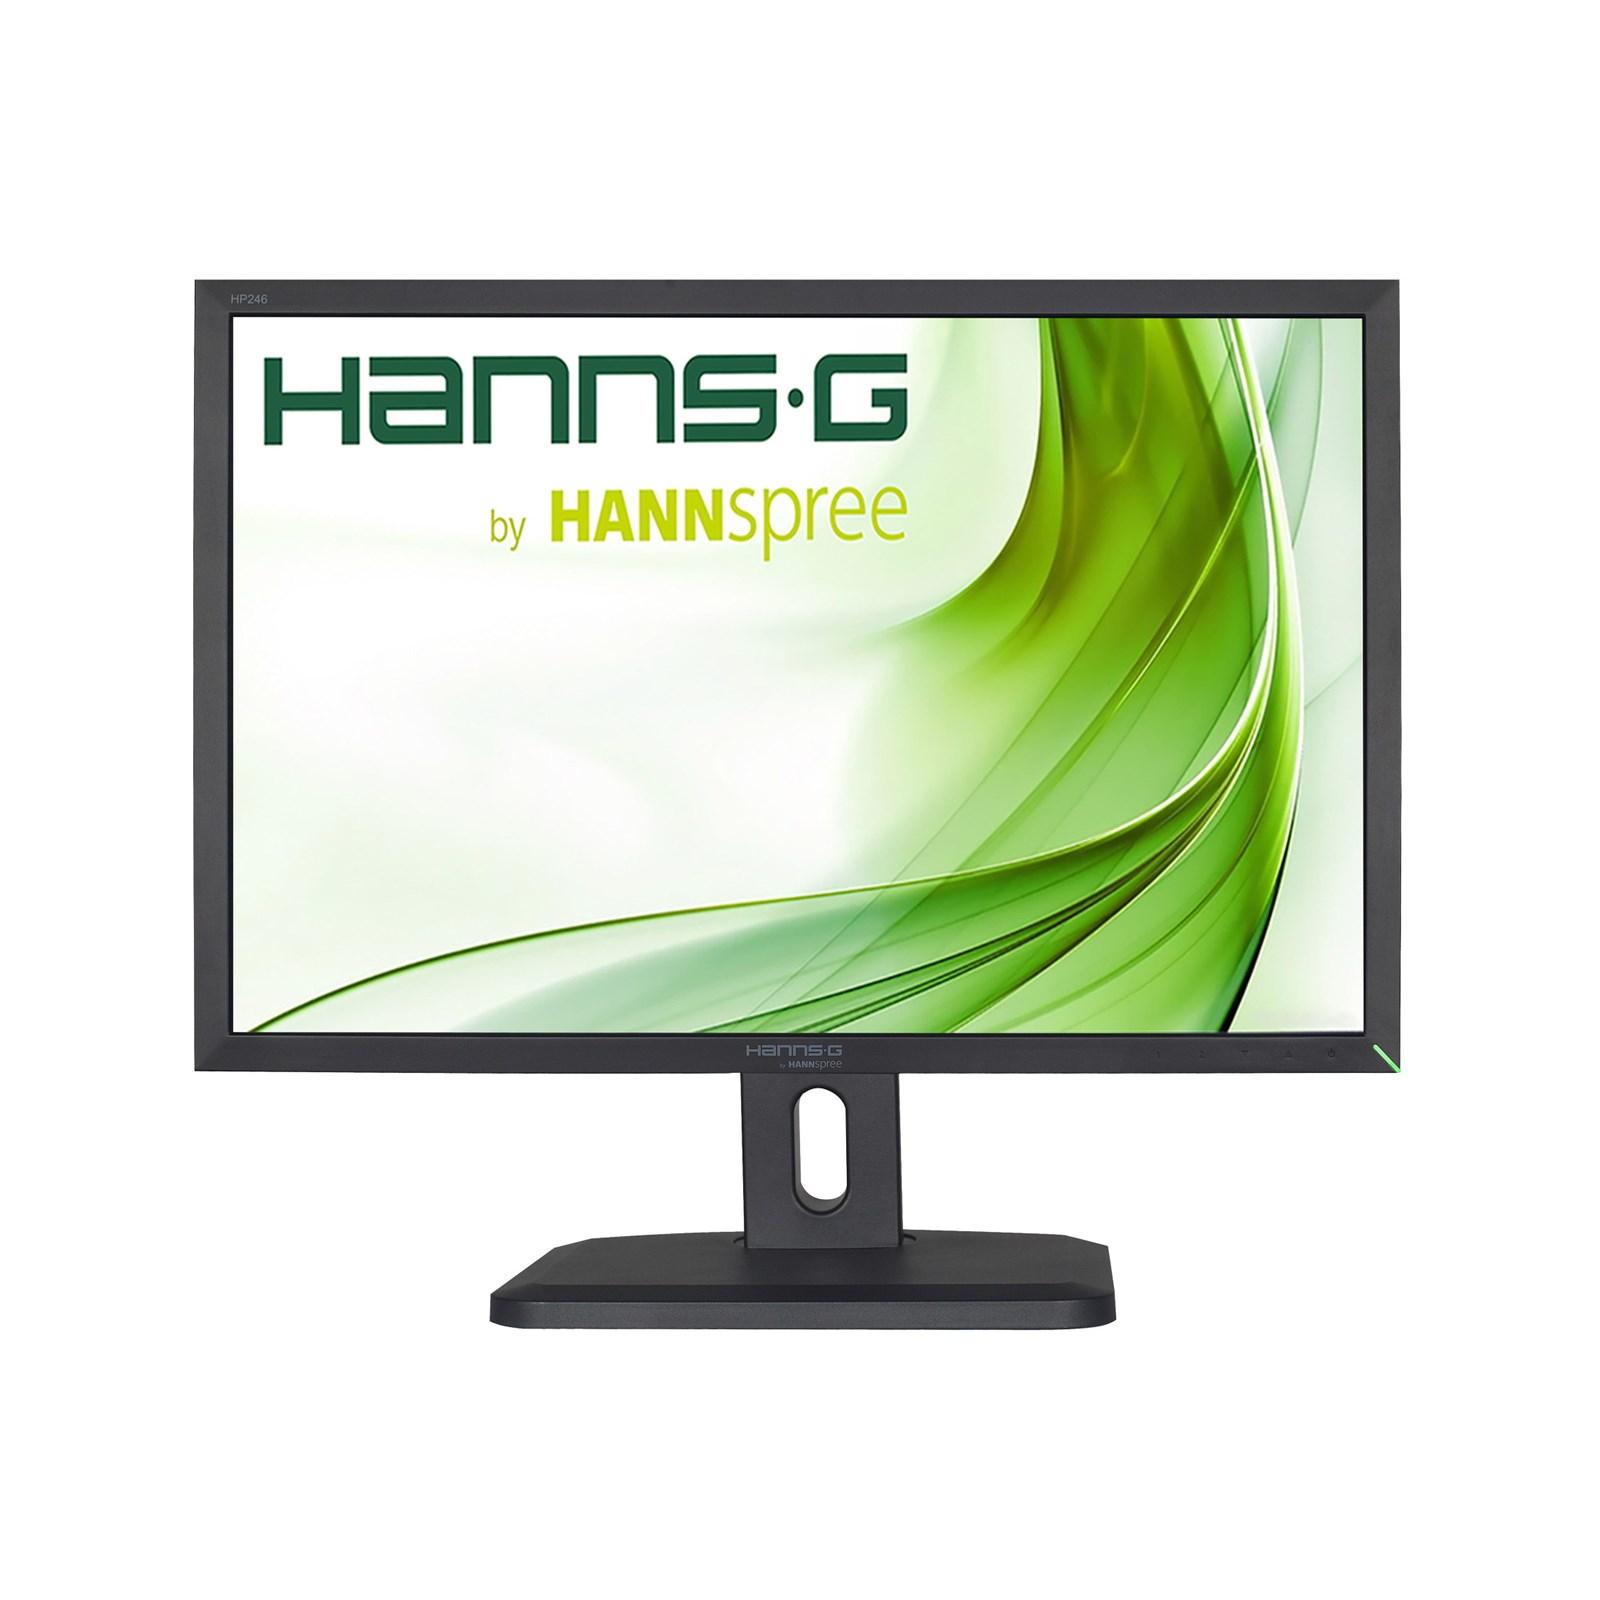 """Hannspree HP 246 PJB 24"""" Full HD LED IPS Monitor"""